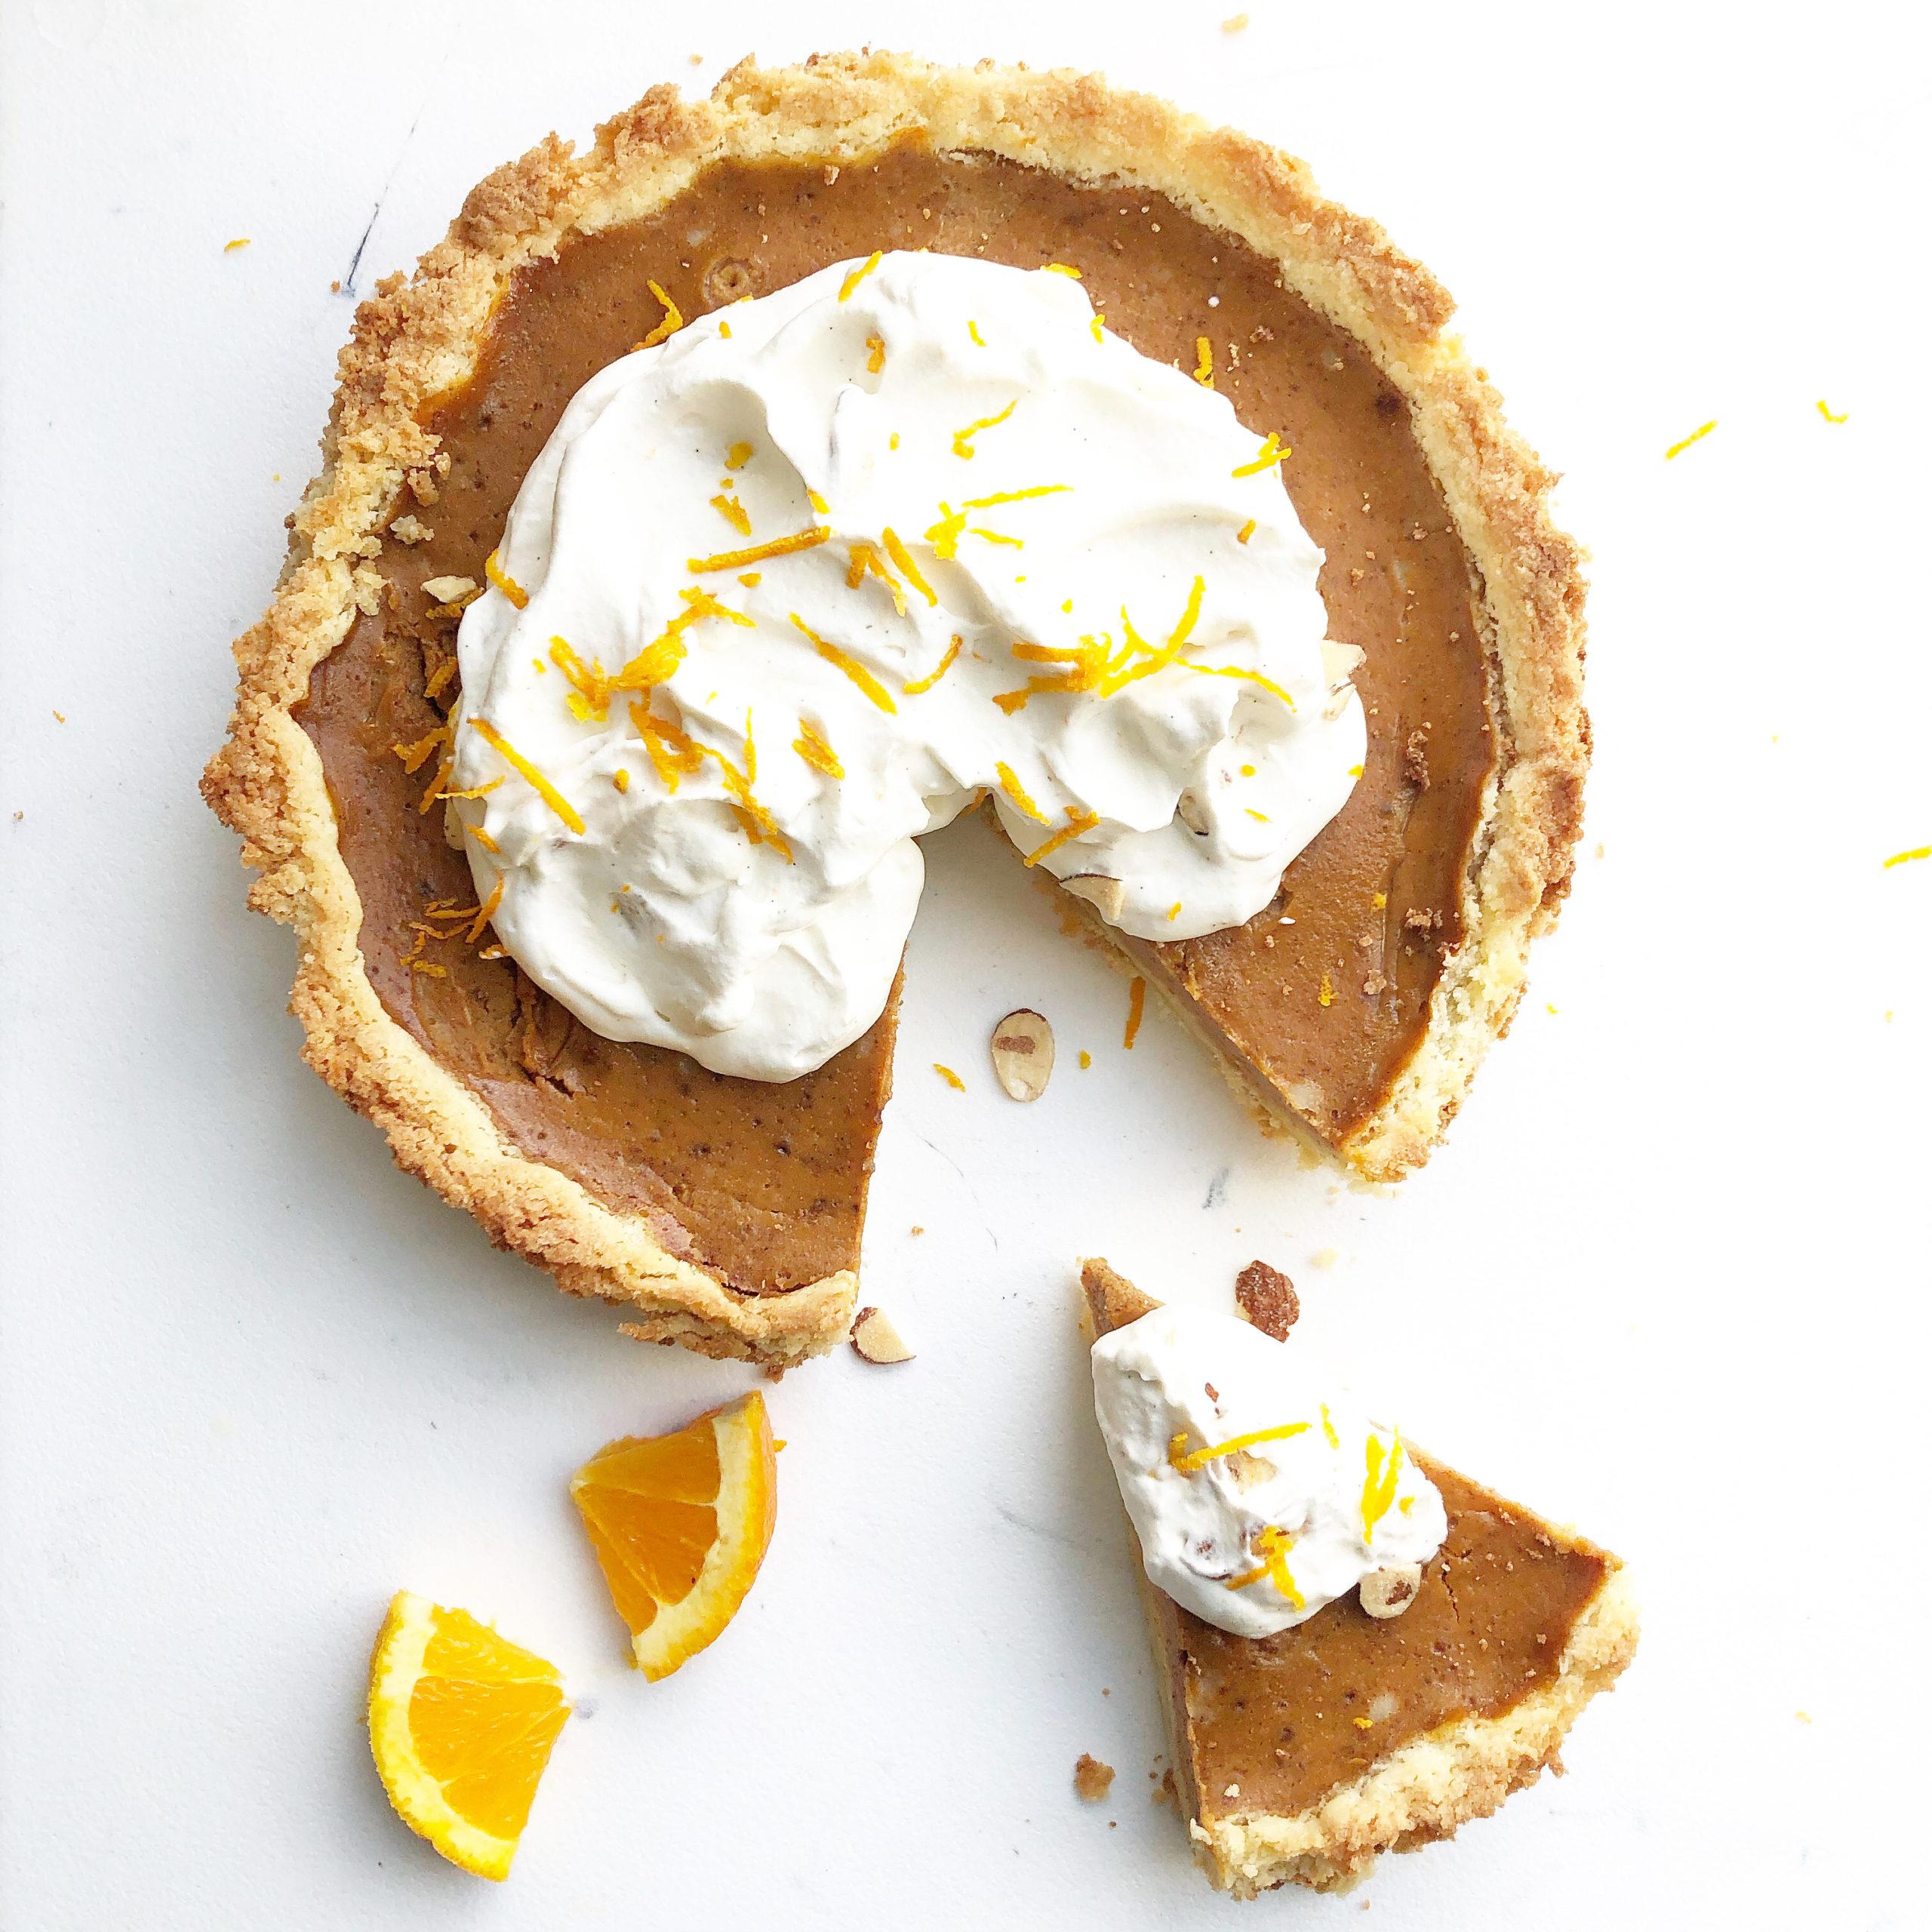 Orange Maple Pumpkin Pie on a white background